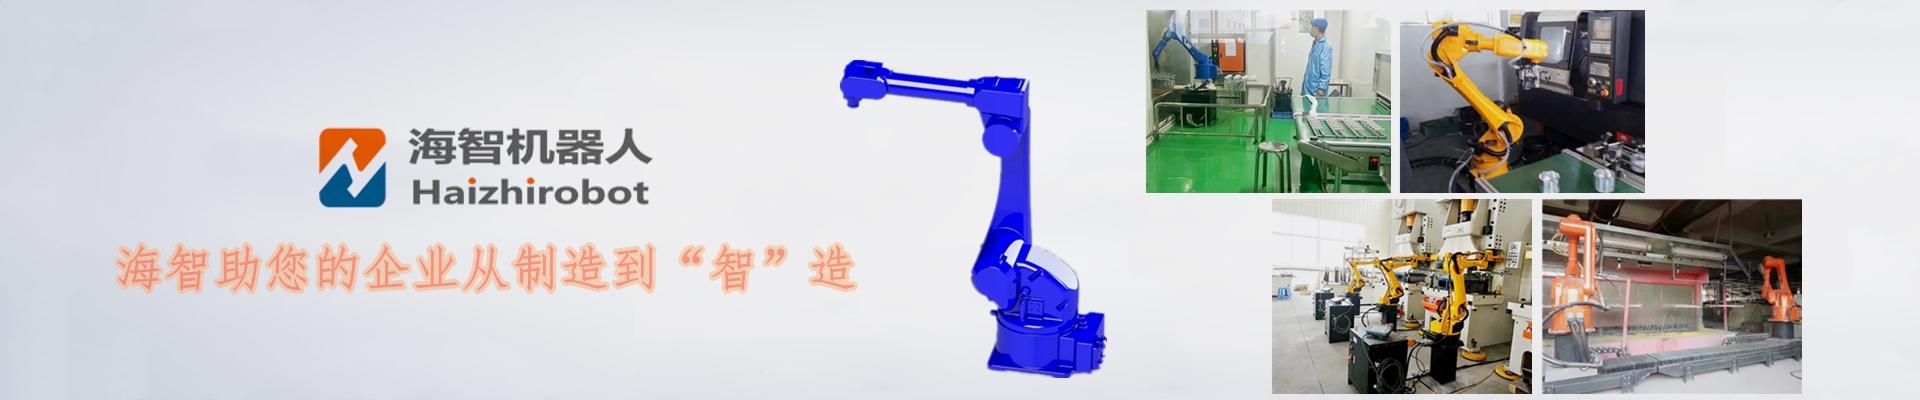 海智(zhi)機器人官方網站海智(zhi)機器人官方網站